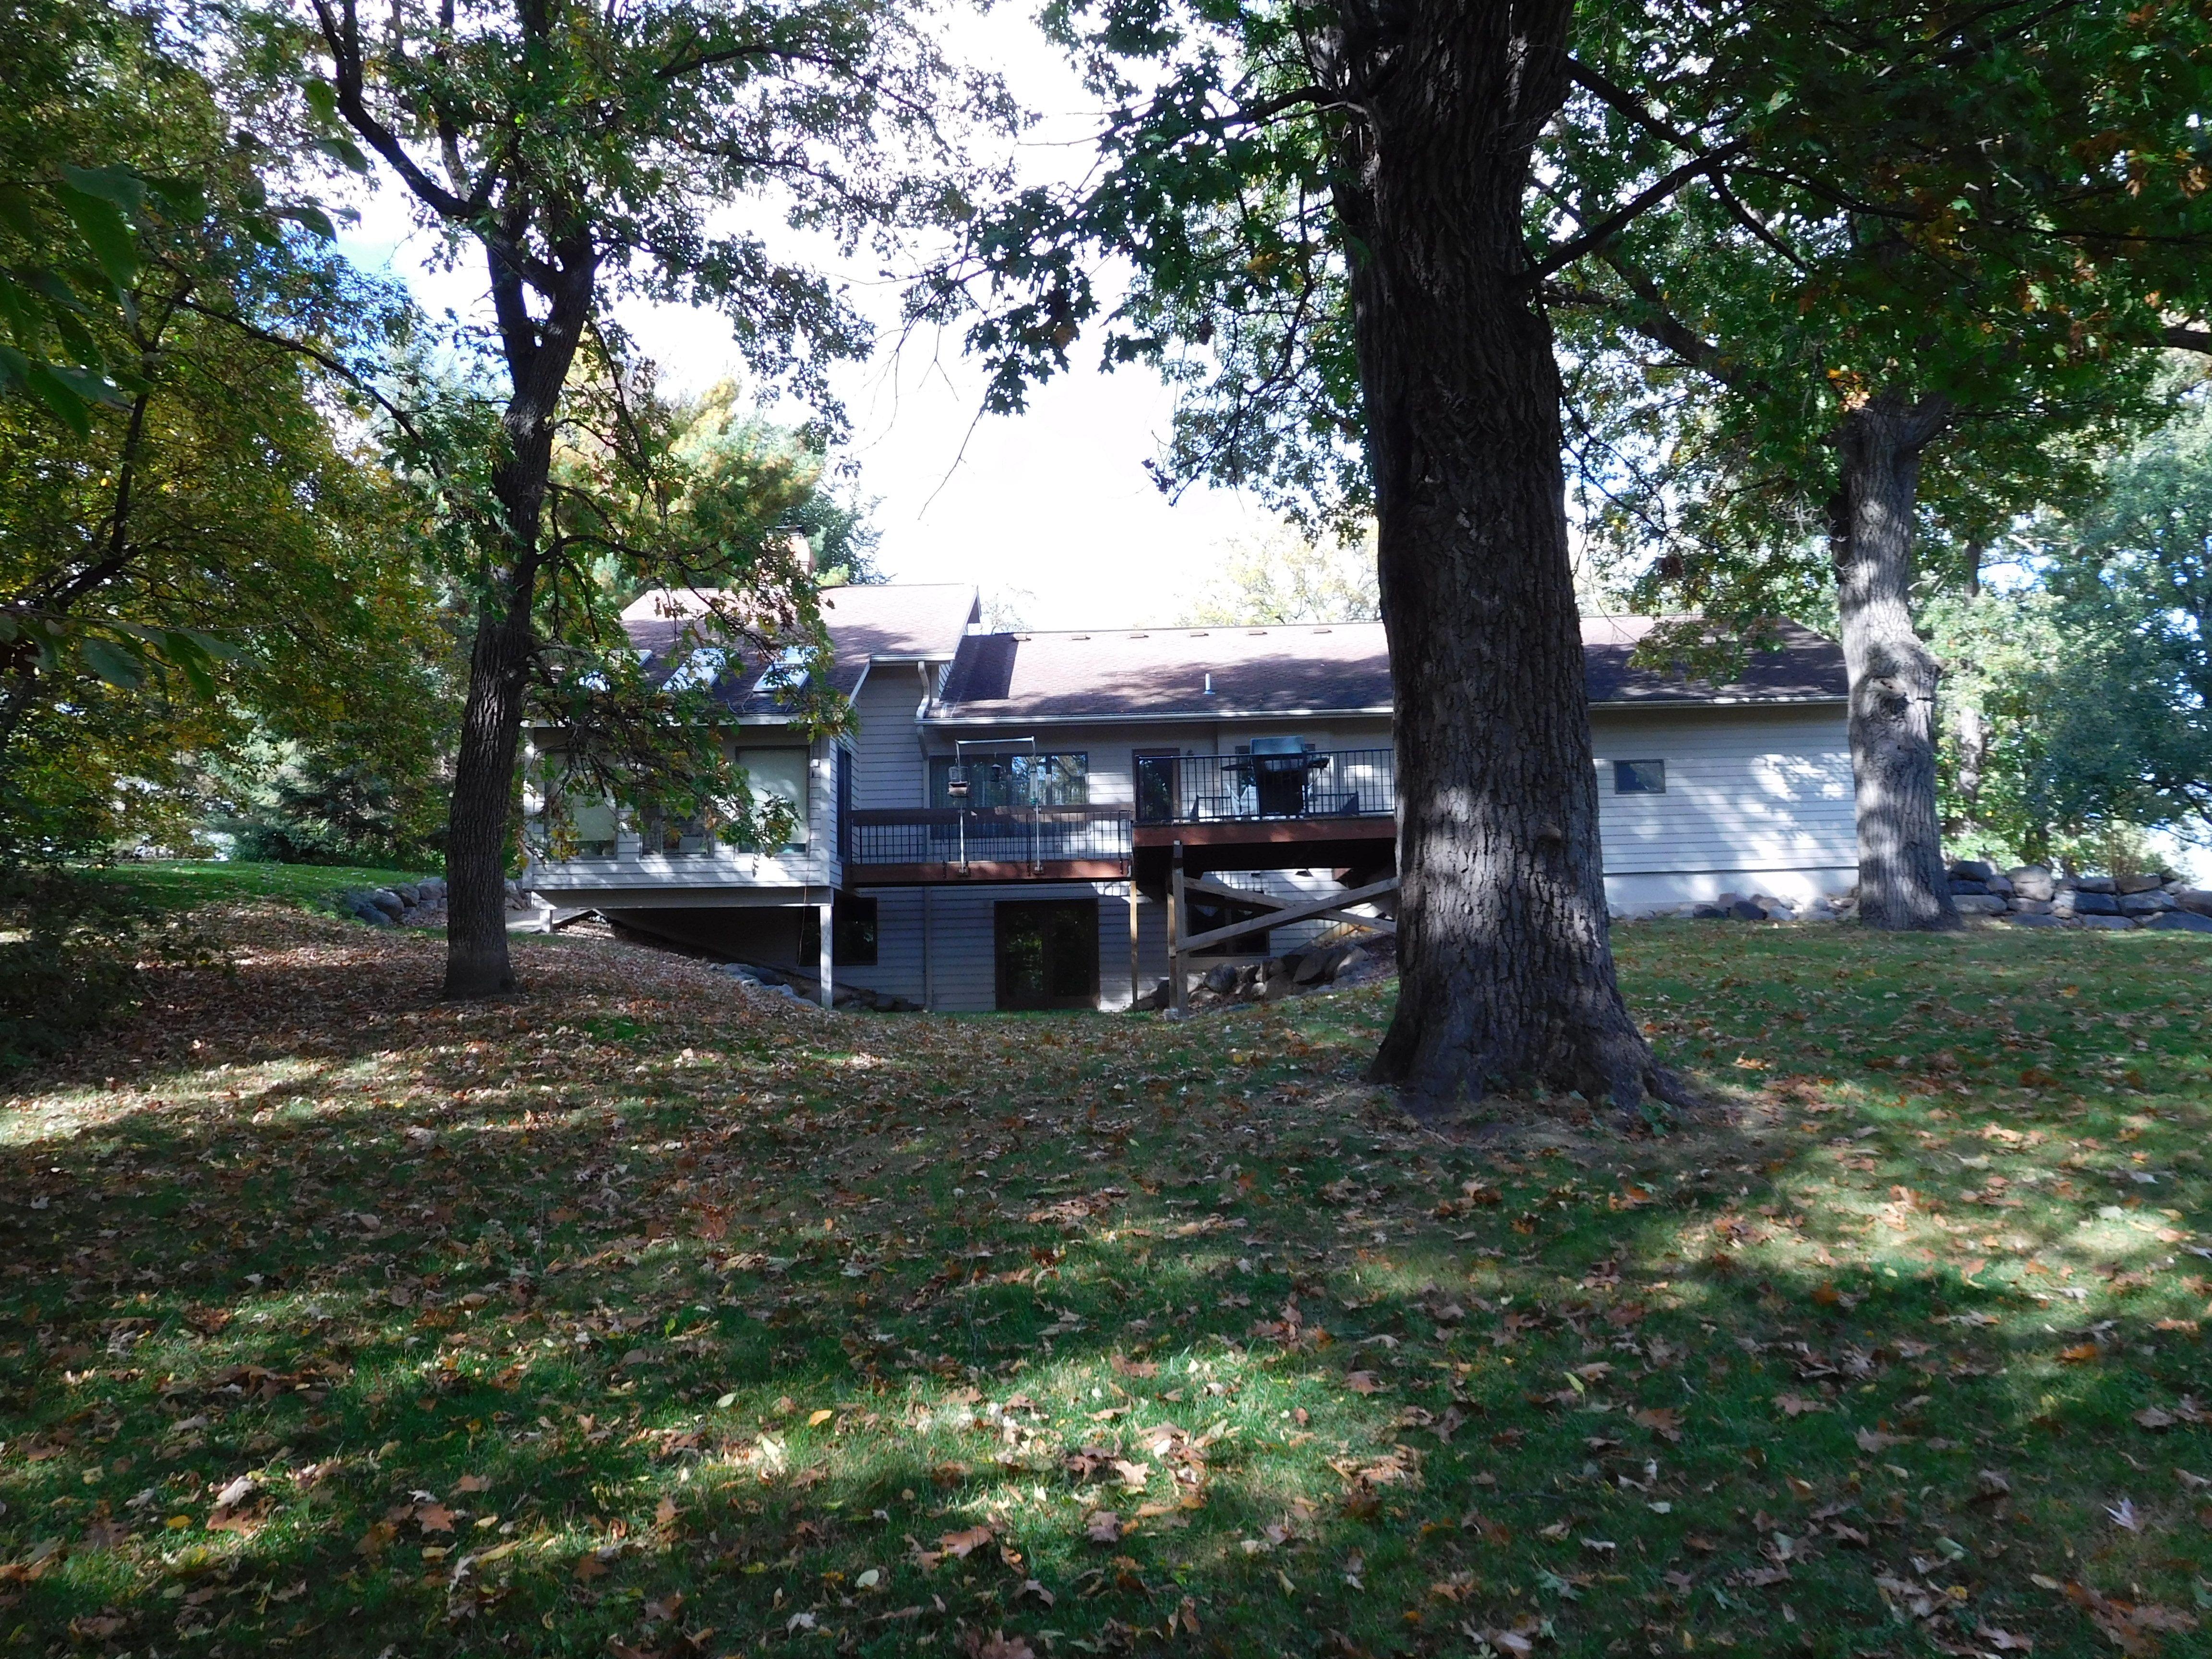 9197 Eagle Ridge Rd (Image - 2)